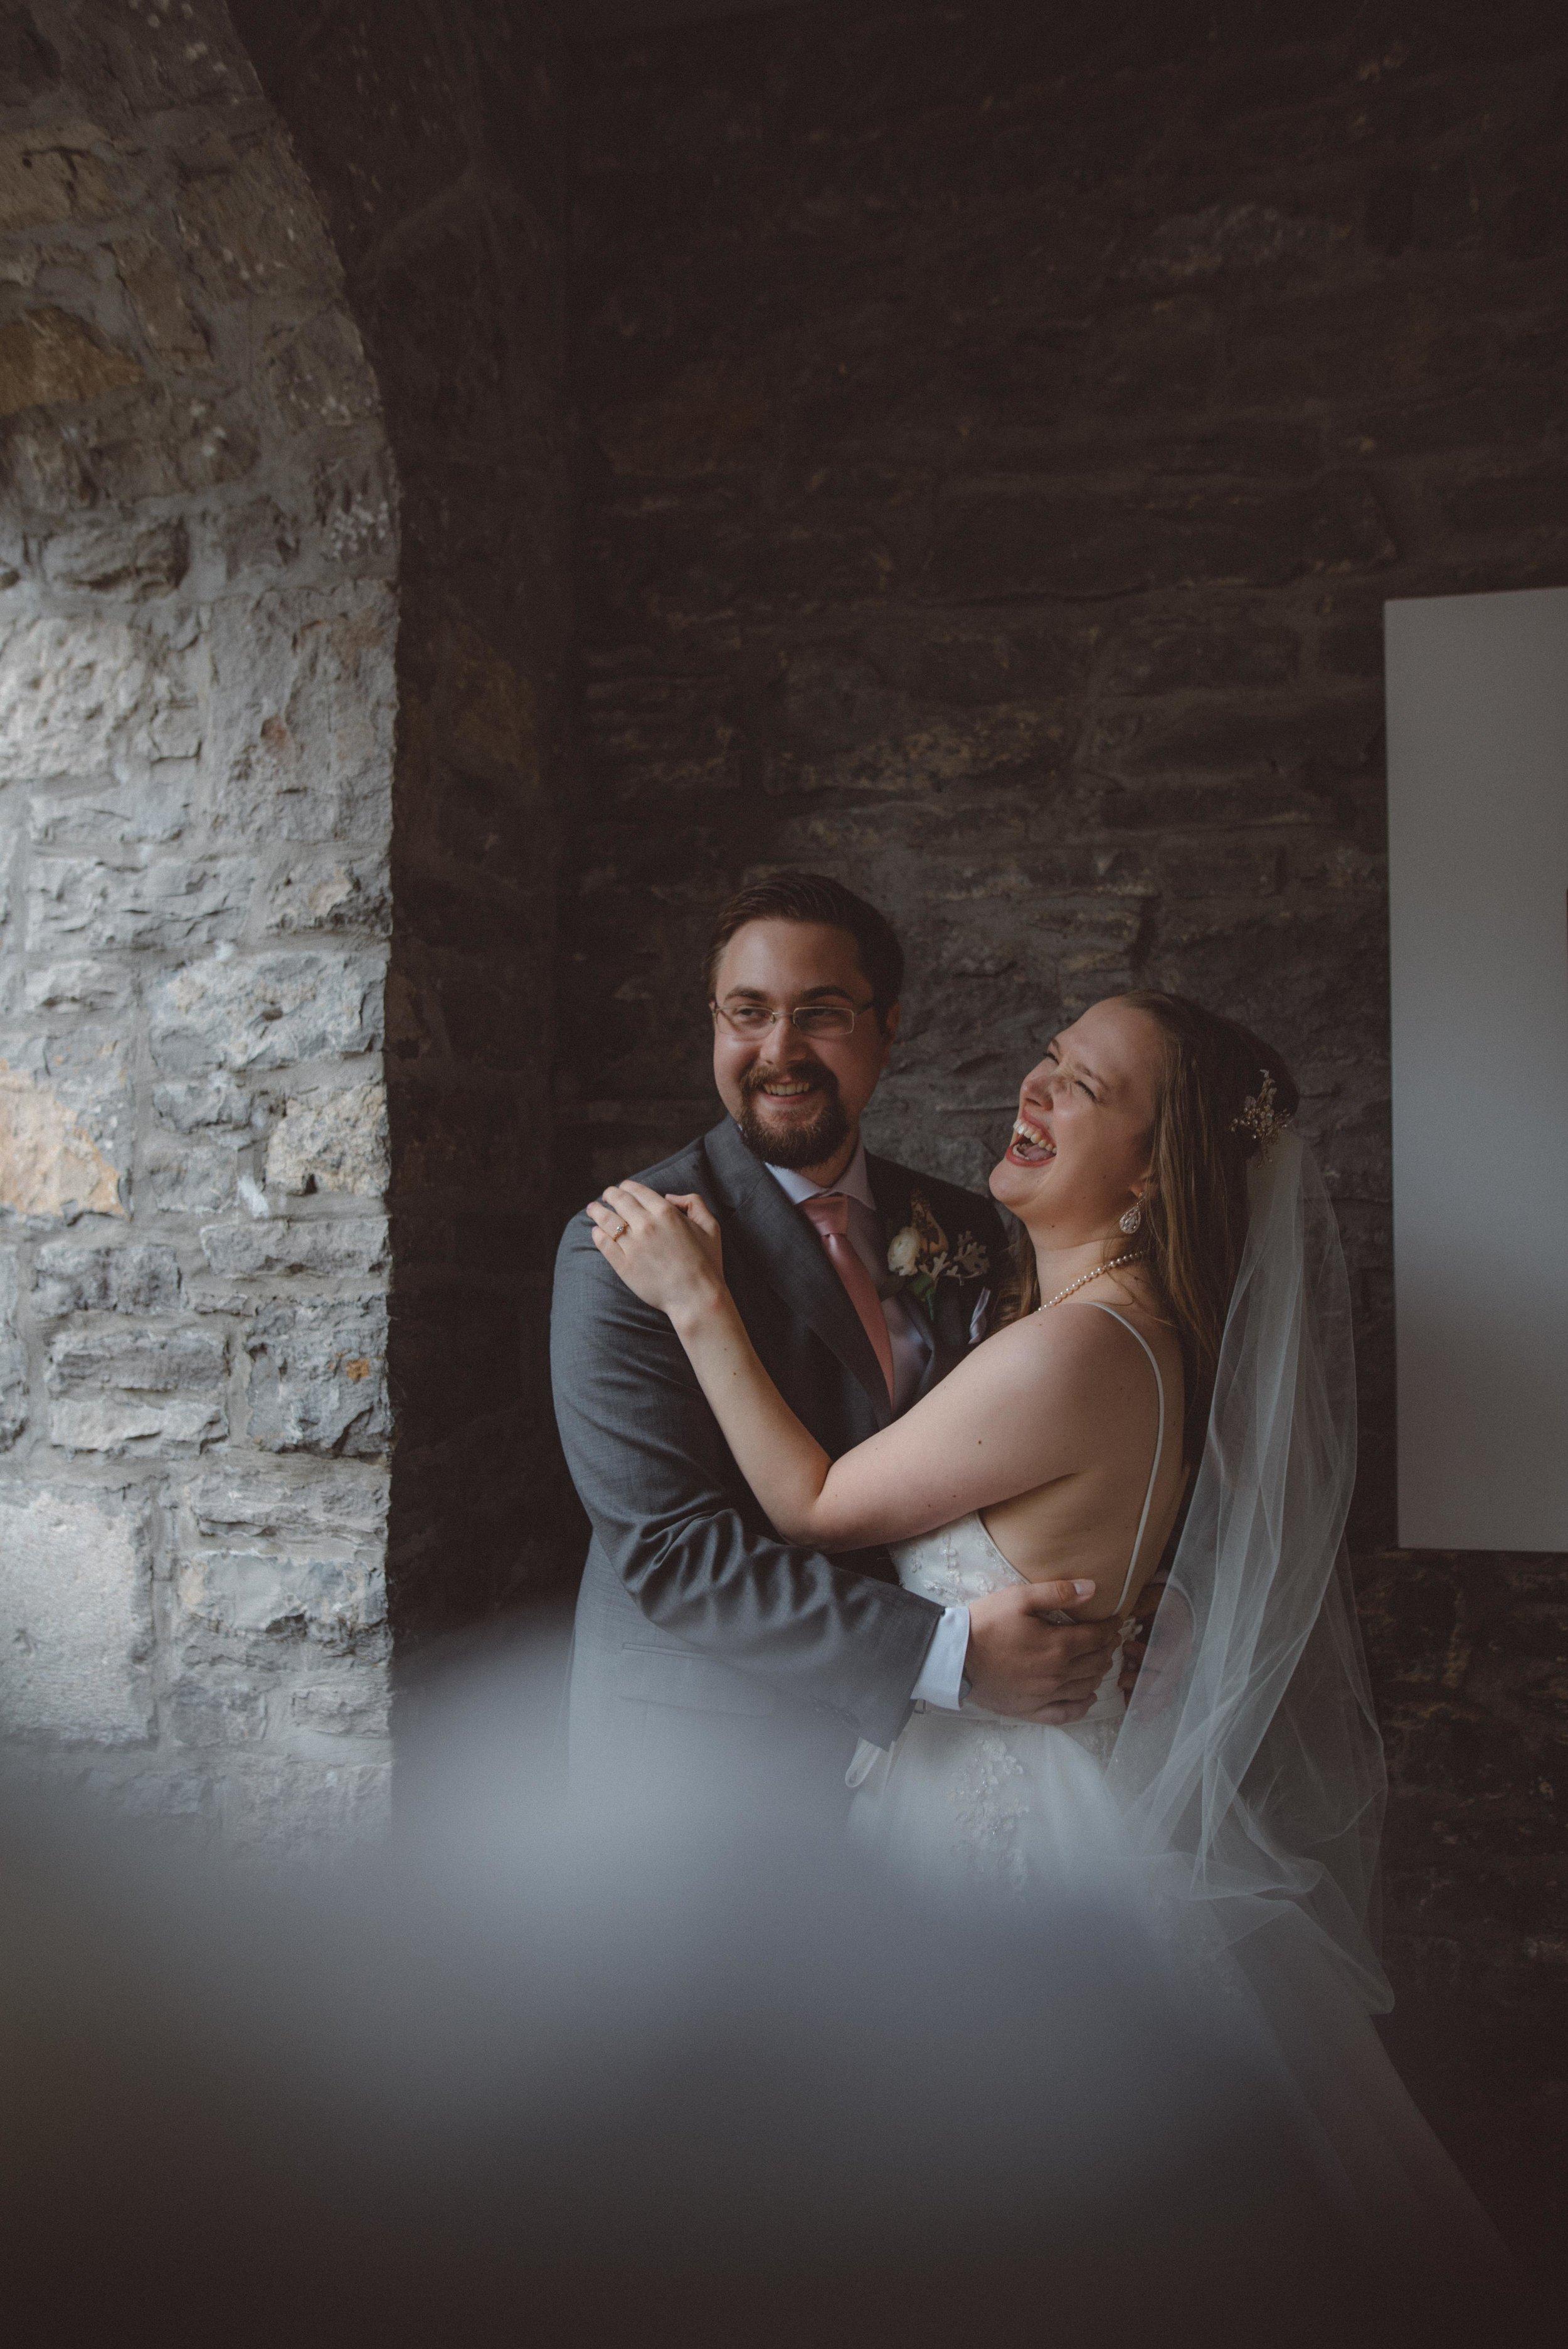 wedding_photographer_lifestyle_documentary_photographe_ottawa_gatineau-27.jpg